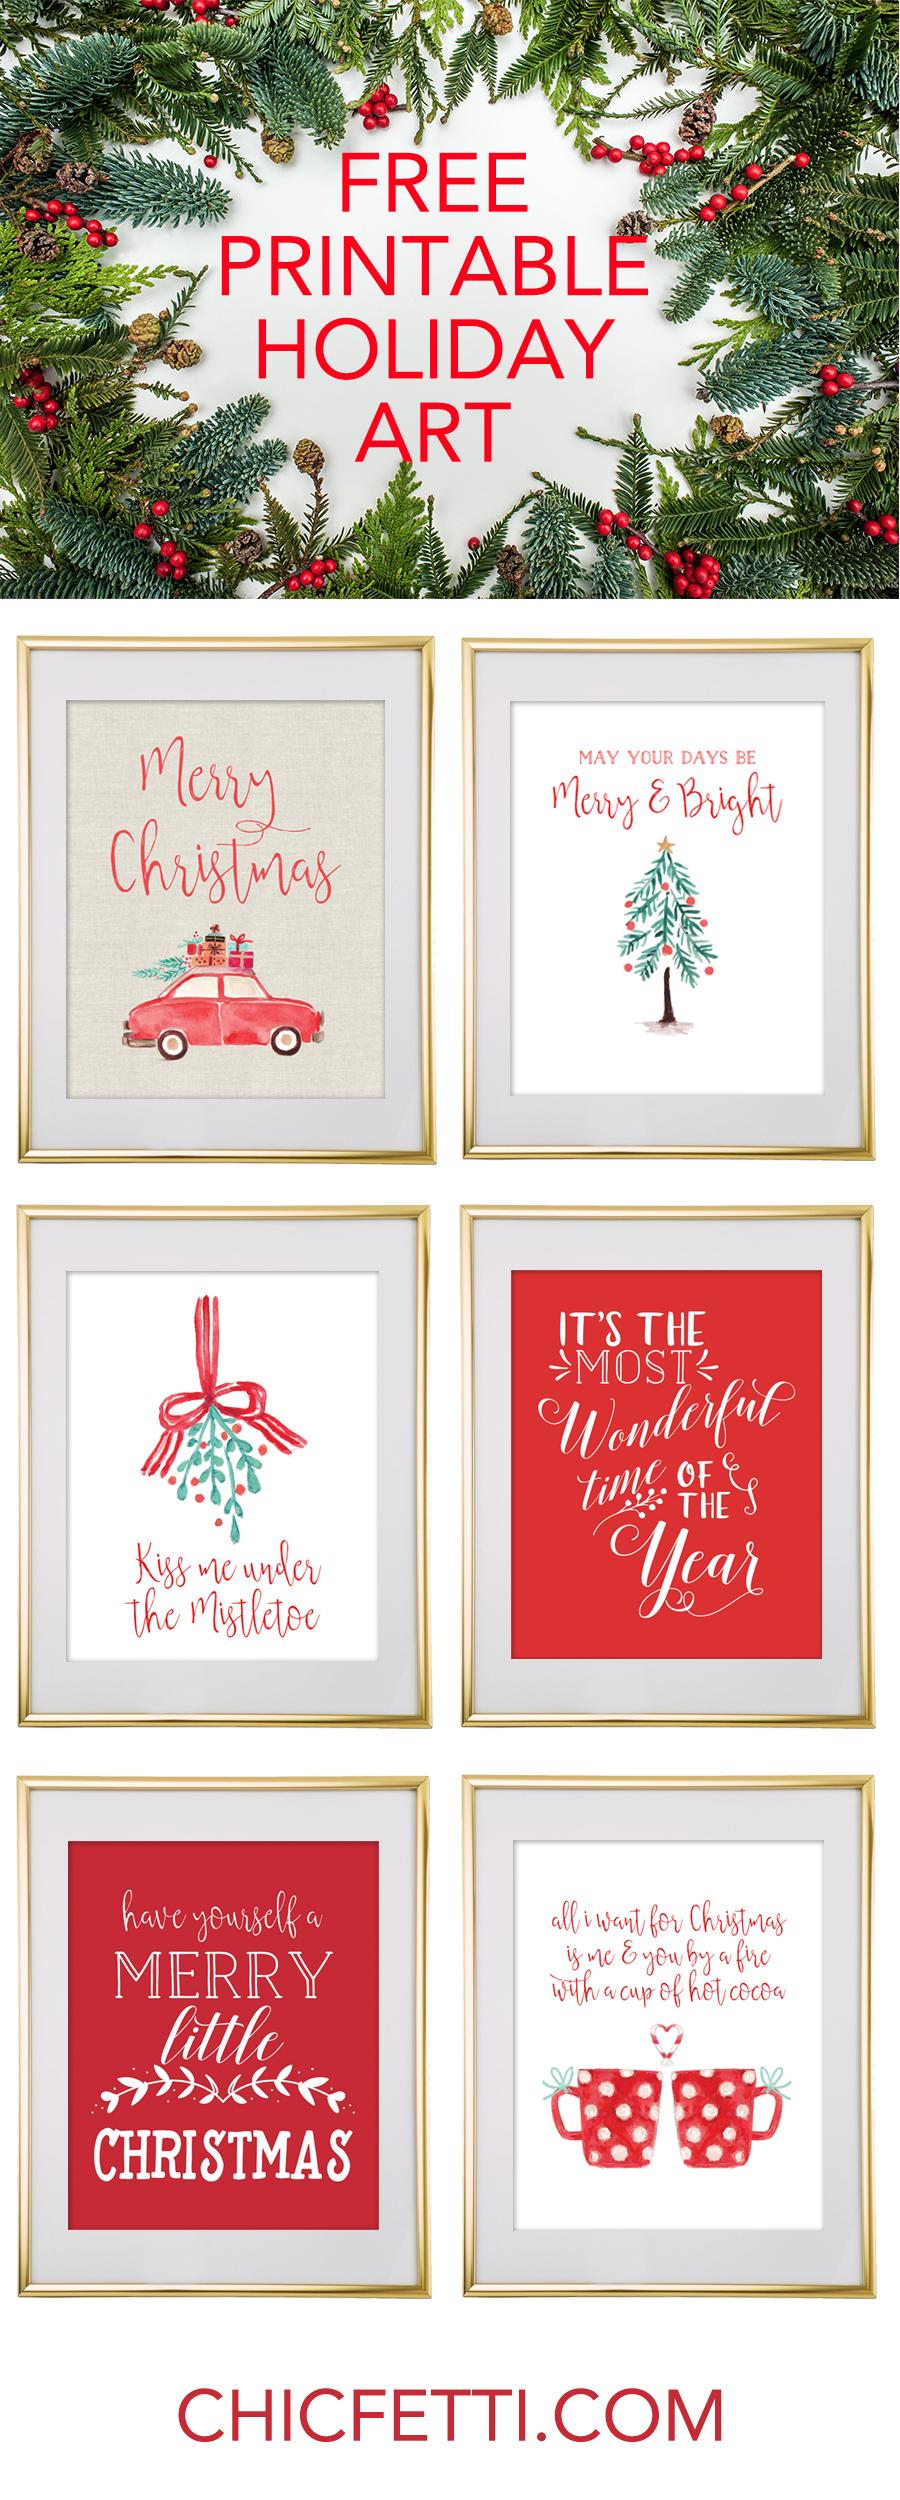 Christmas Free Printable Wall Art - Download Free Christmas Art - Free Printable Christmas Pictures